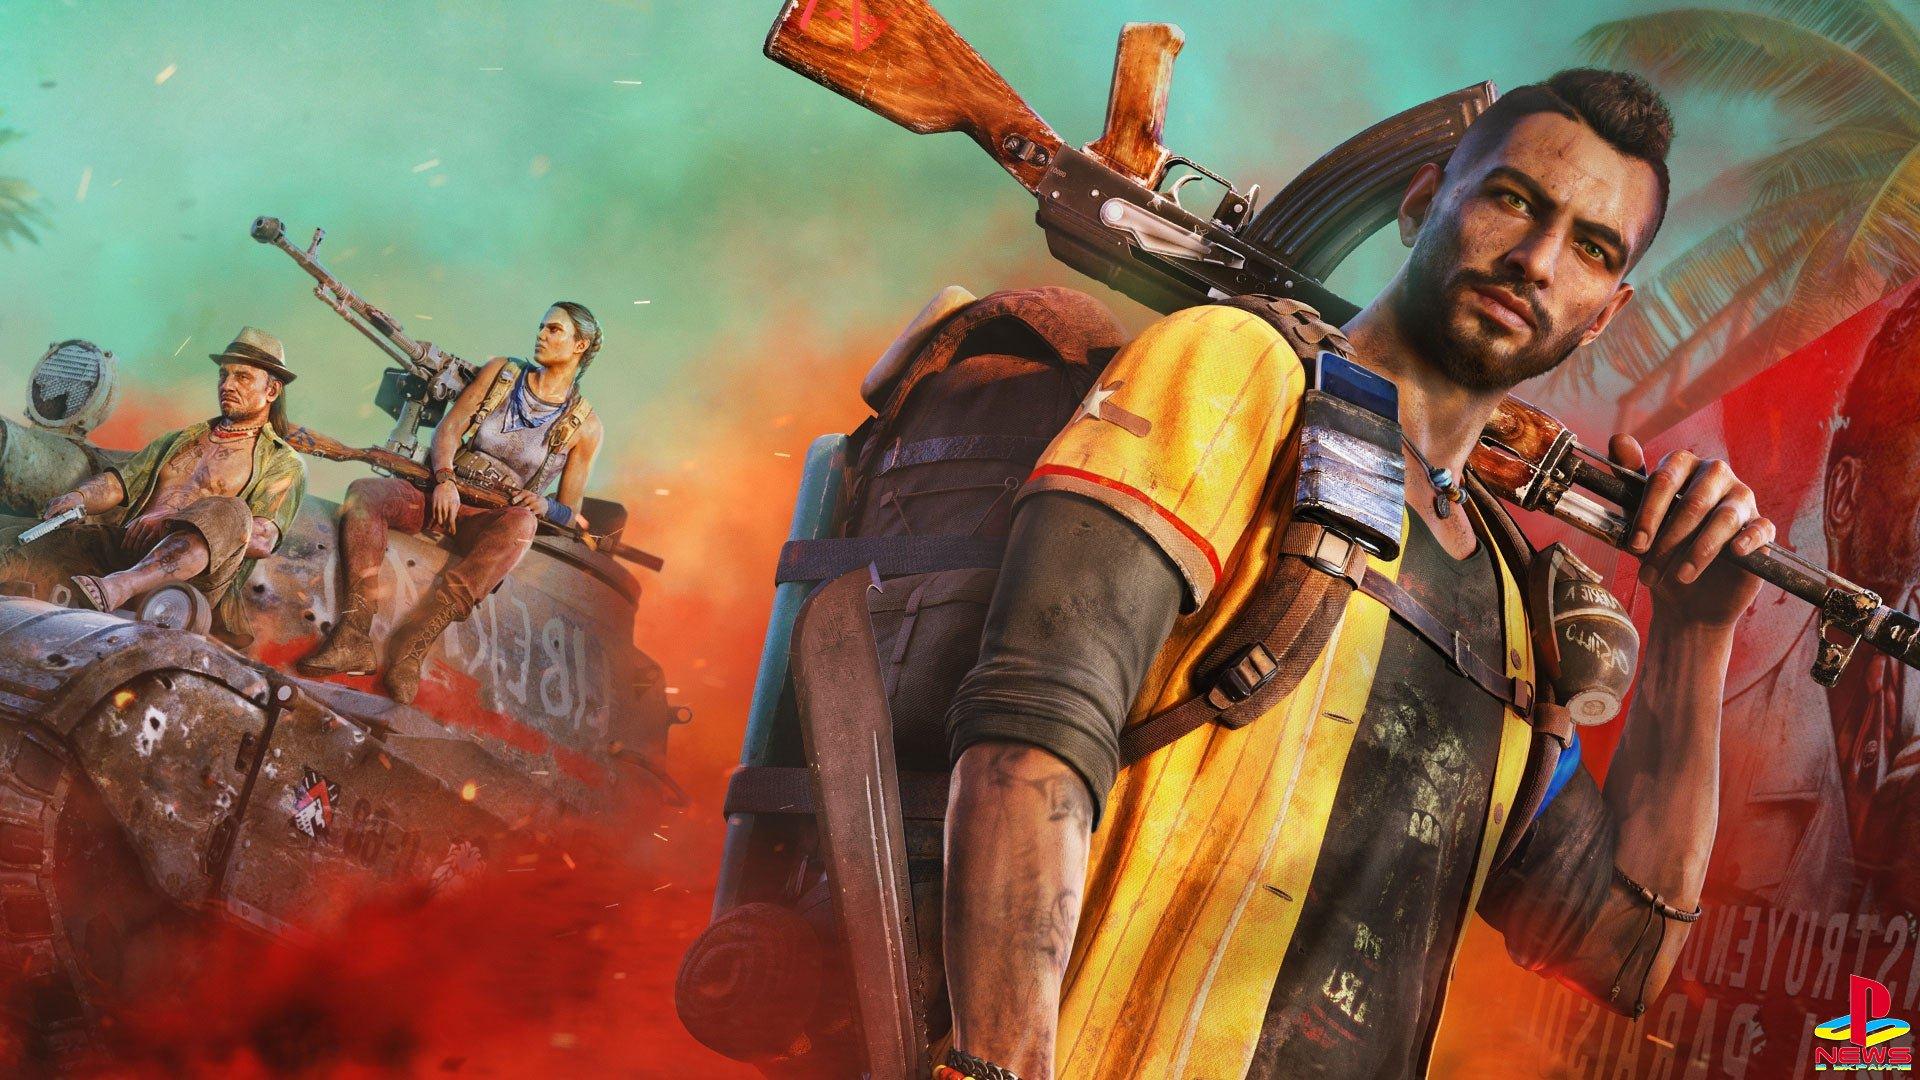 Редактор карт, полеты и поддержка DualSense: Появились новые детали шутера Far Cry 6 от Ubisoft